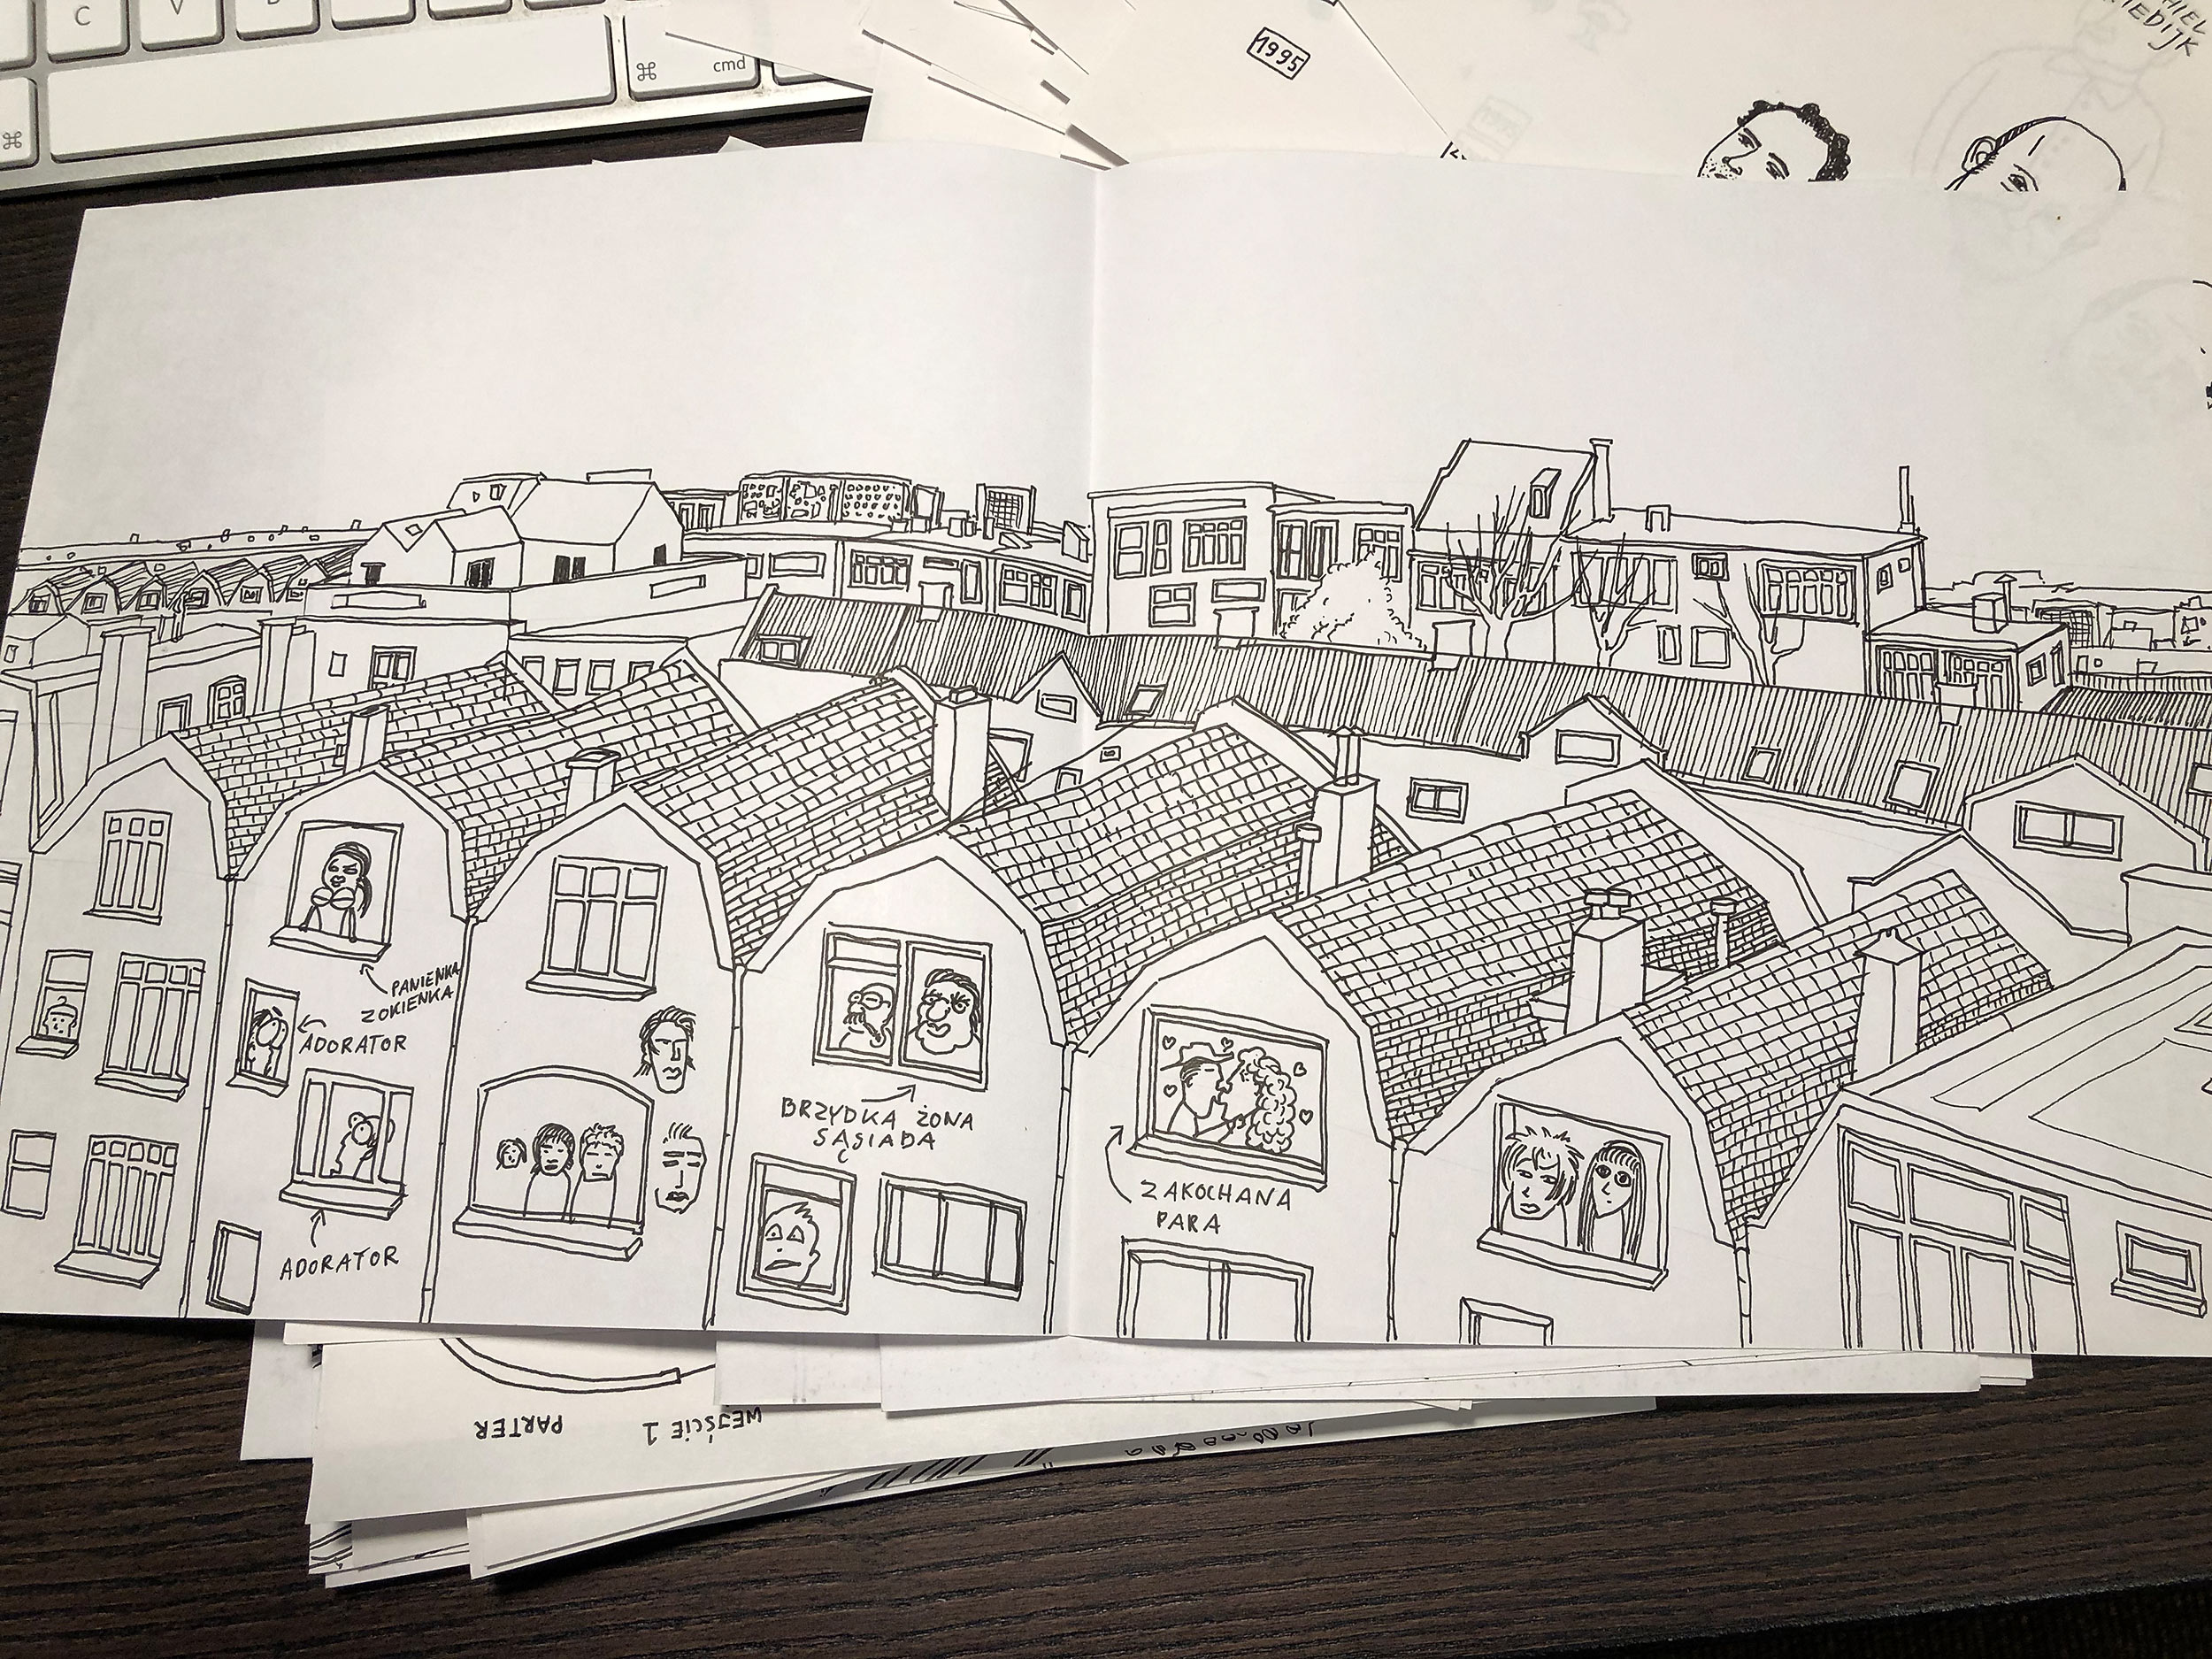 domek-drawings-08.jpg